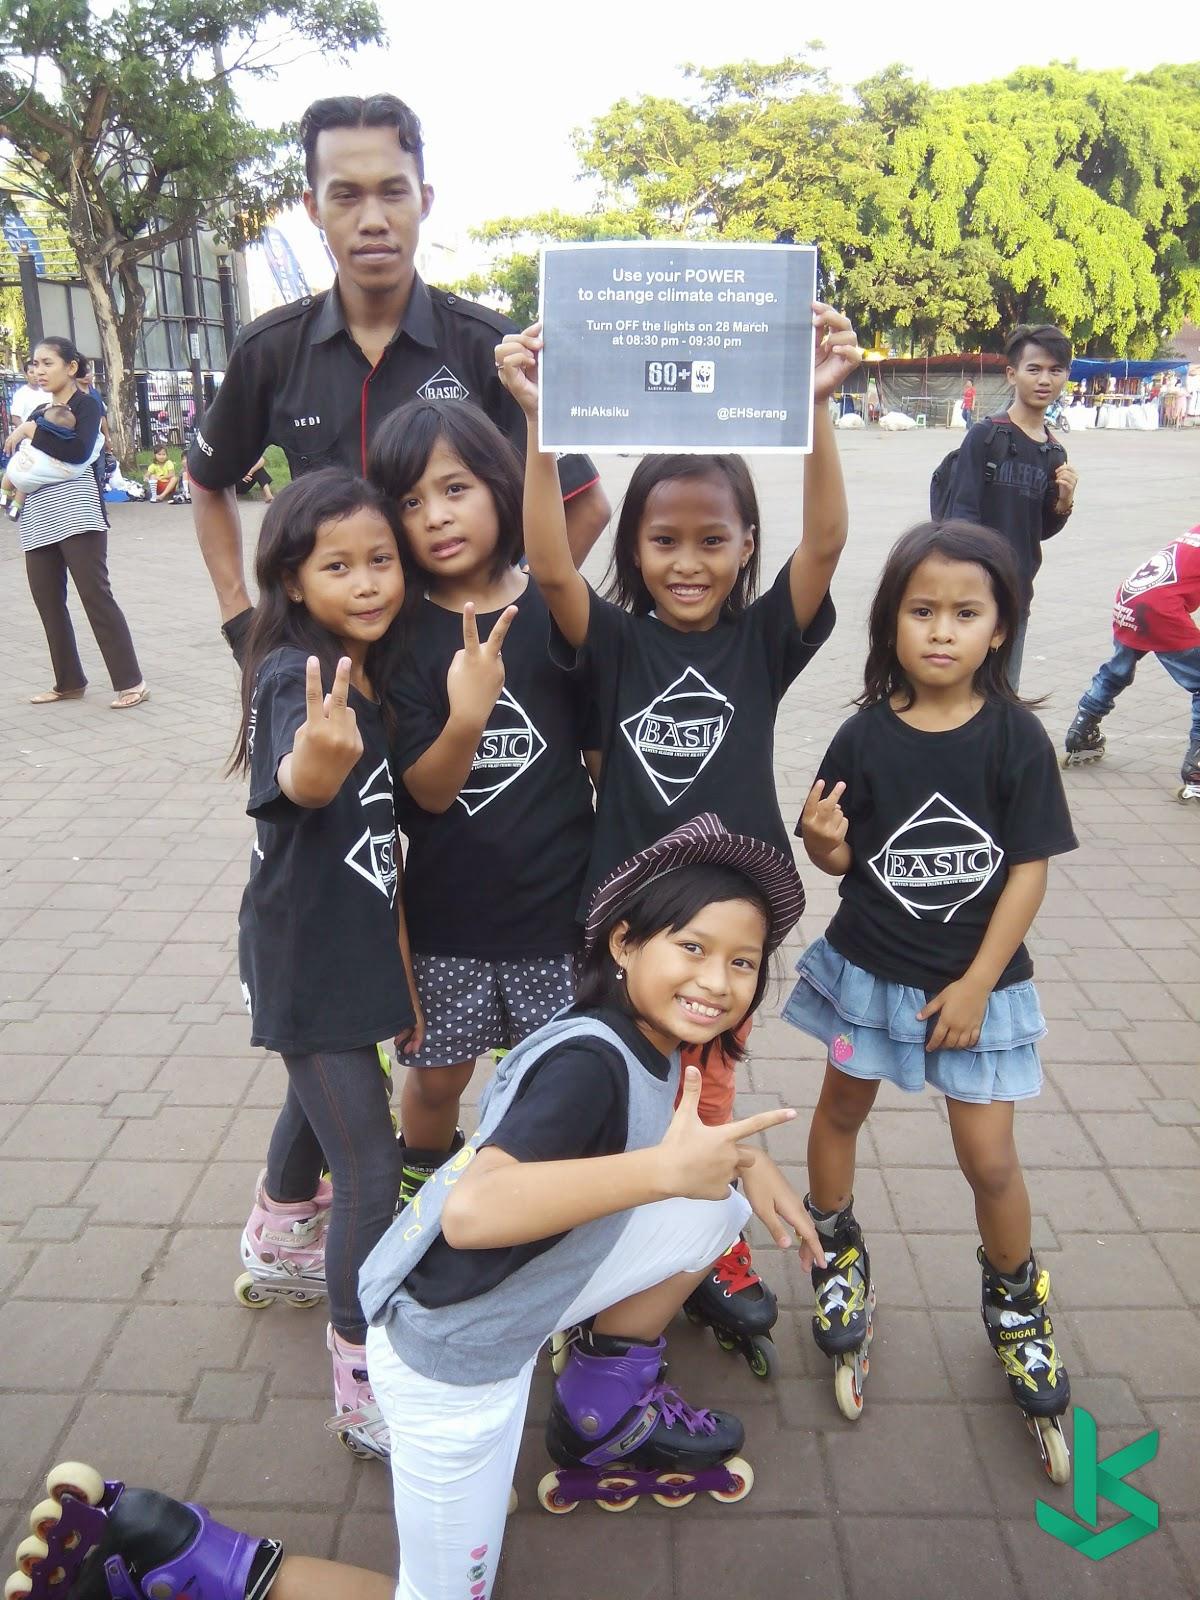 Komunitas Sepatu Roda ikut berpatisipasi Earth Hour SERANG 2015 - 28 Maret 2015